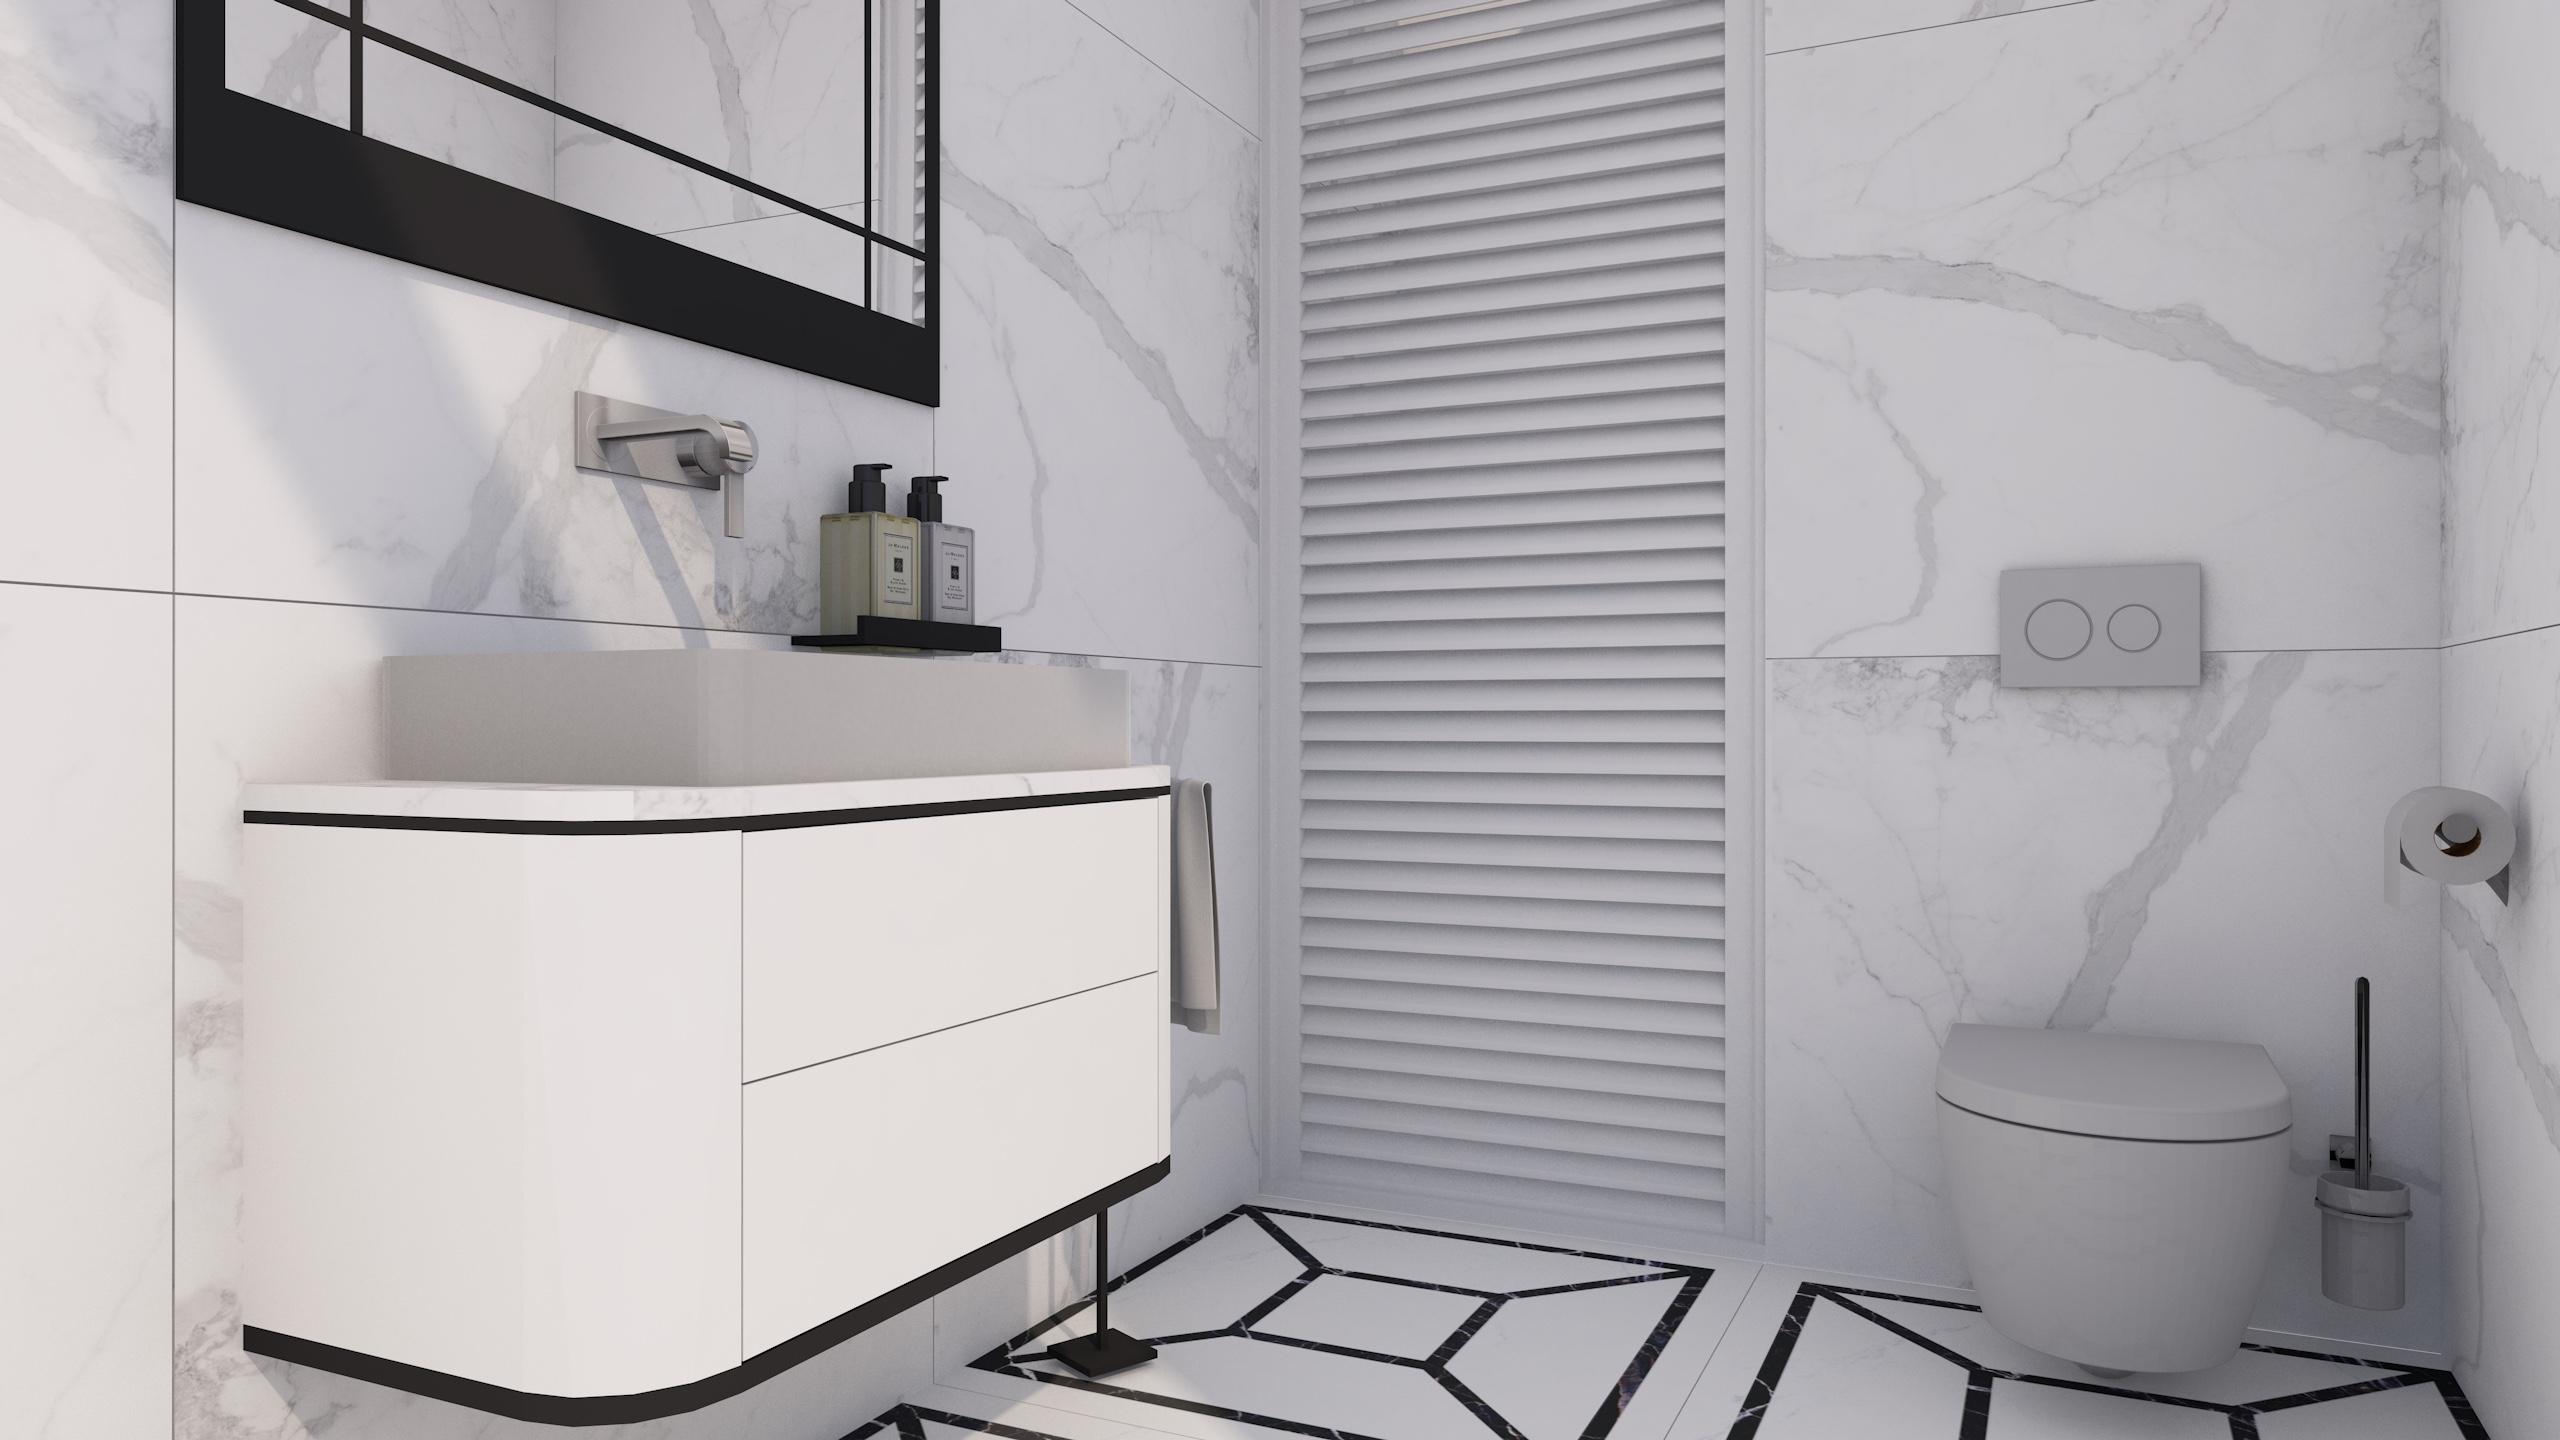 Projekt jasnej łazienki z płytkami imitującymi marmur w szarych odcieniach